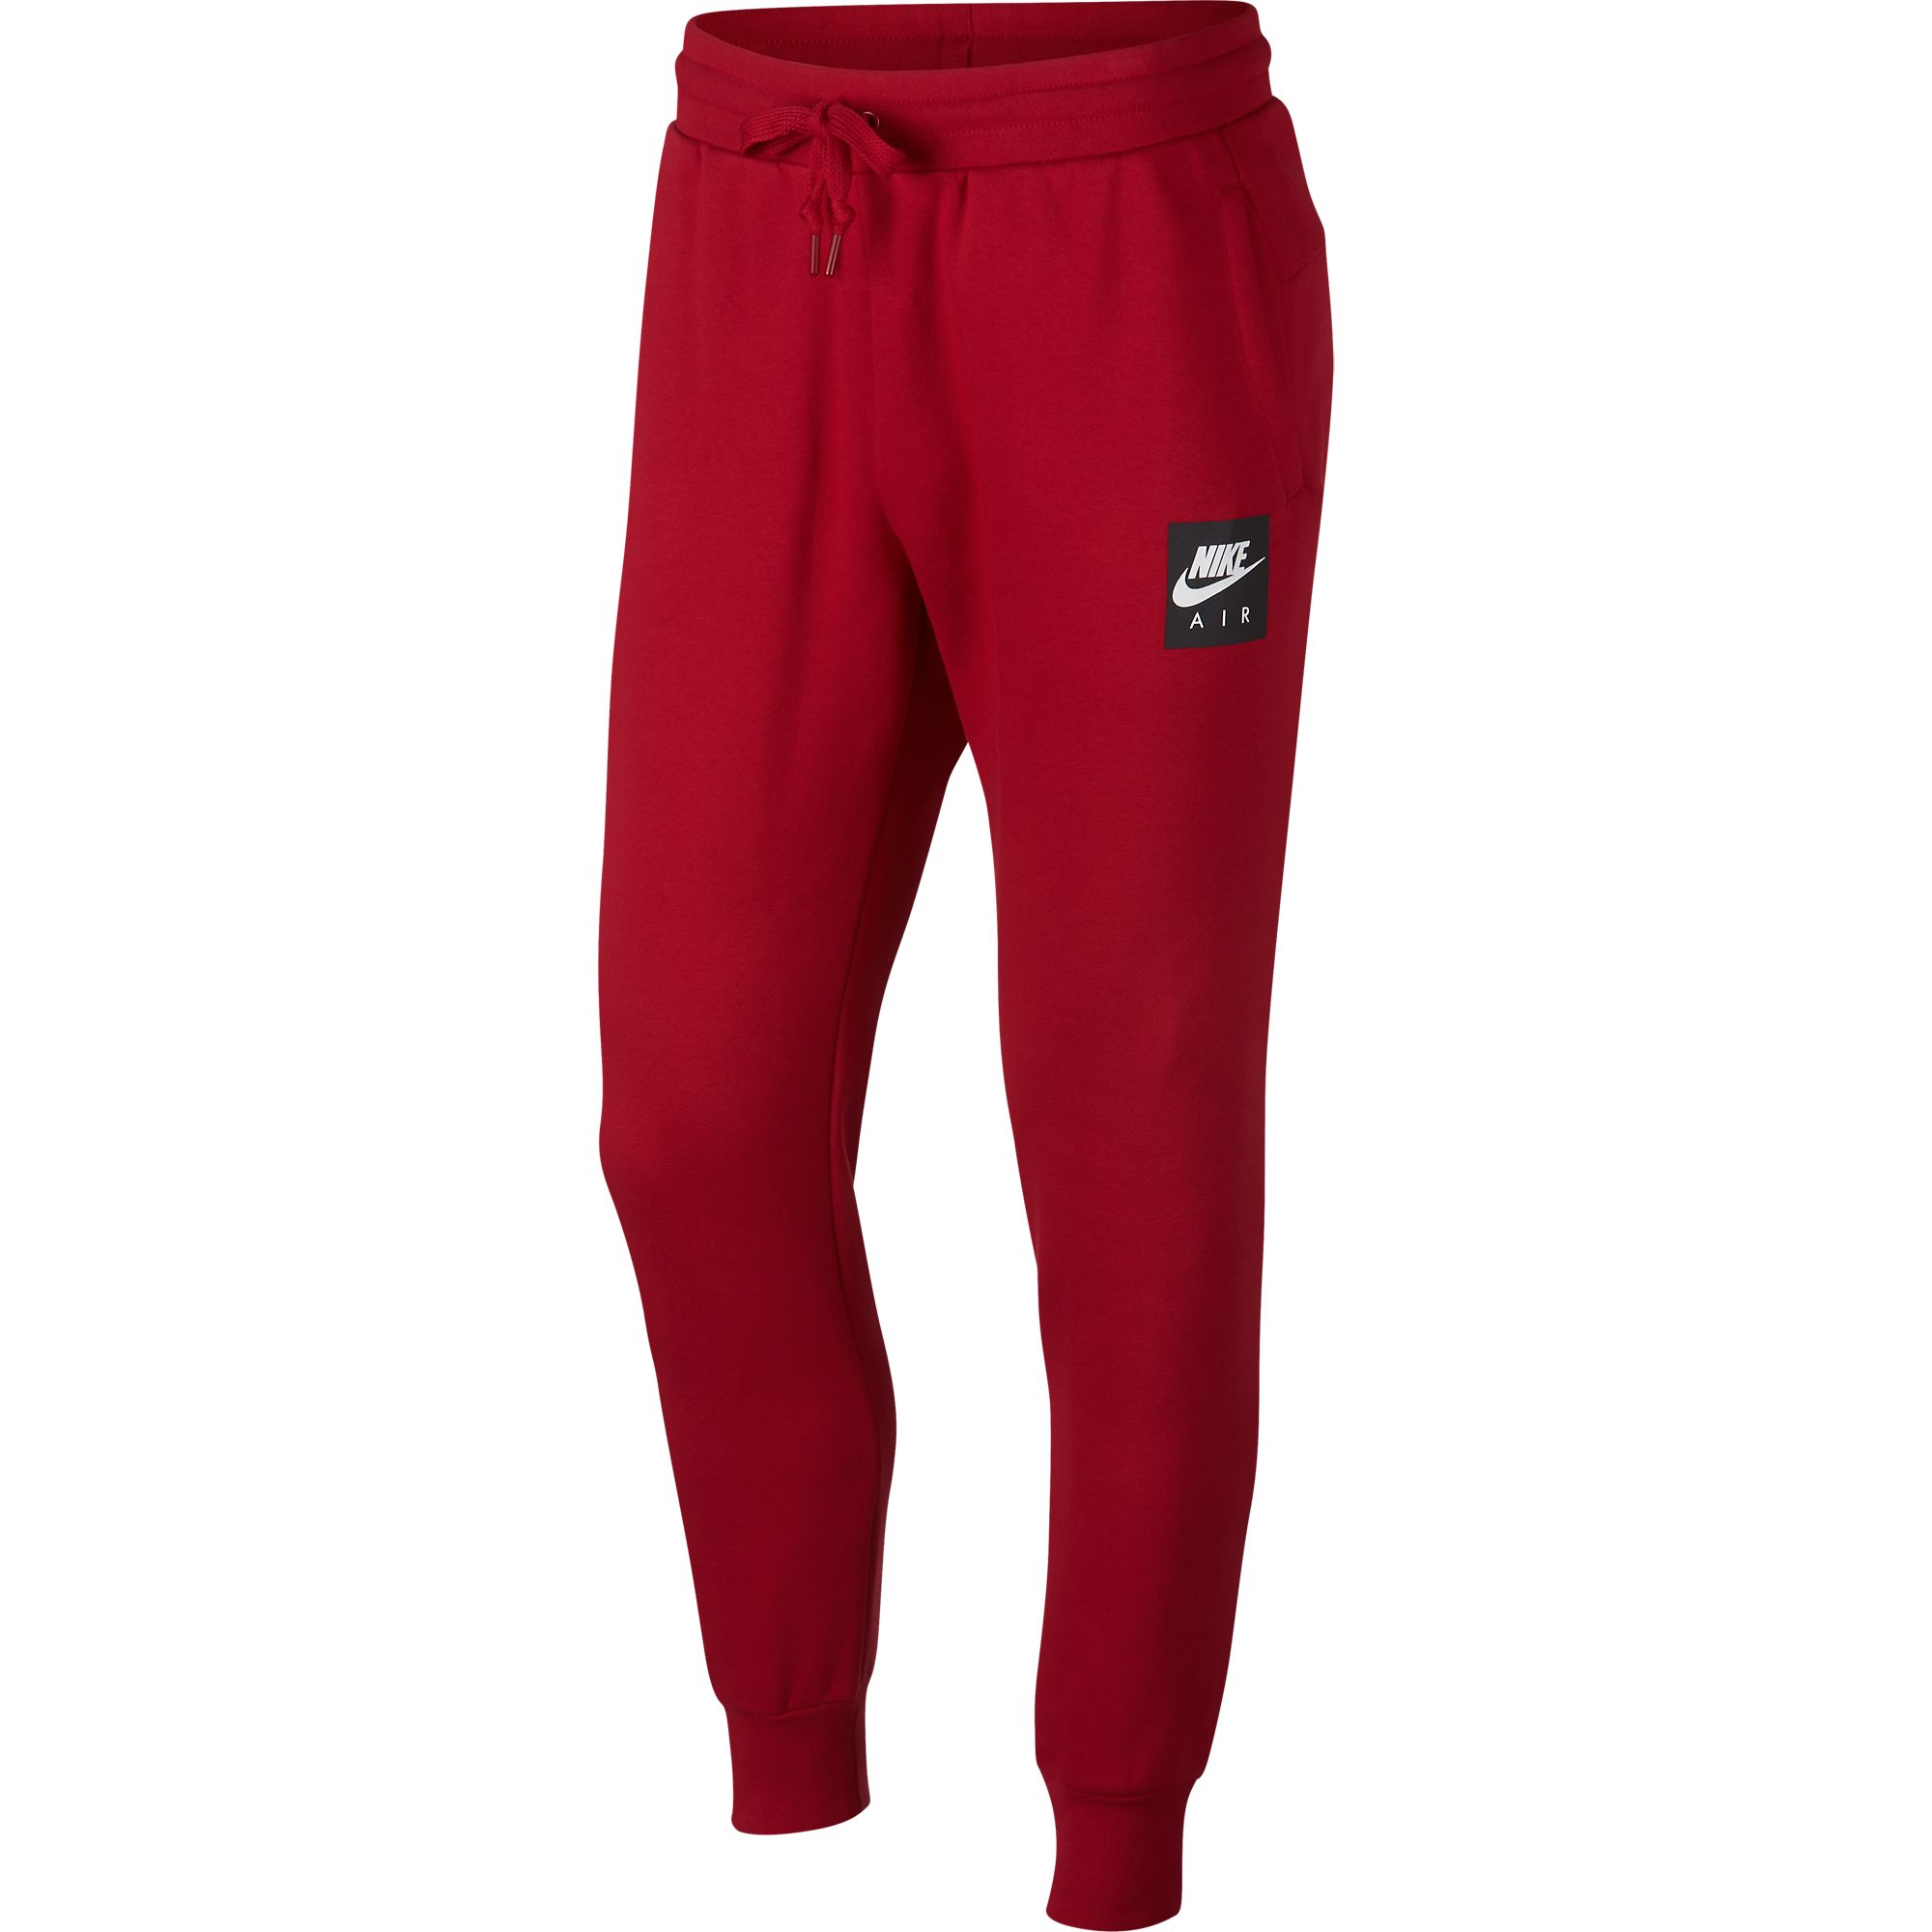 3e2d0befa7c2 Nike Sportswear Air Fleece Men s Sweat Pants Red Black White 928637 ...